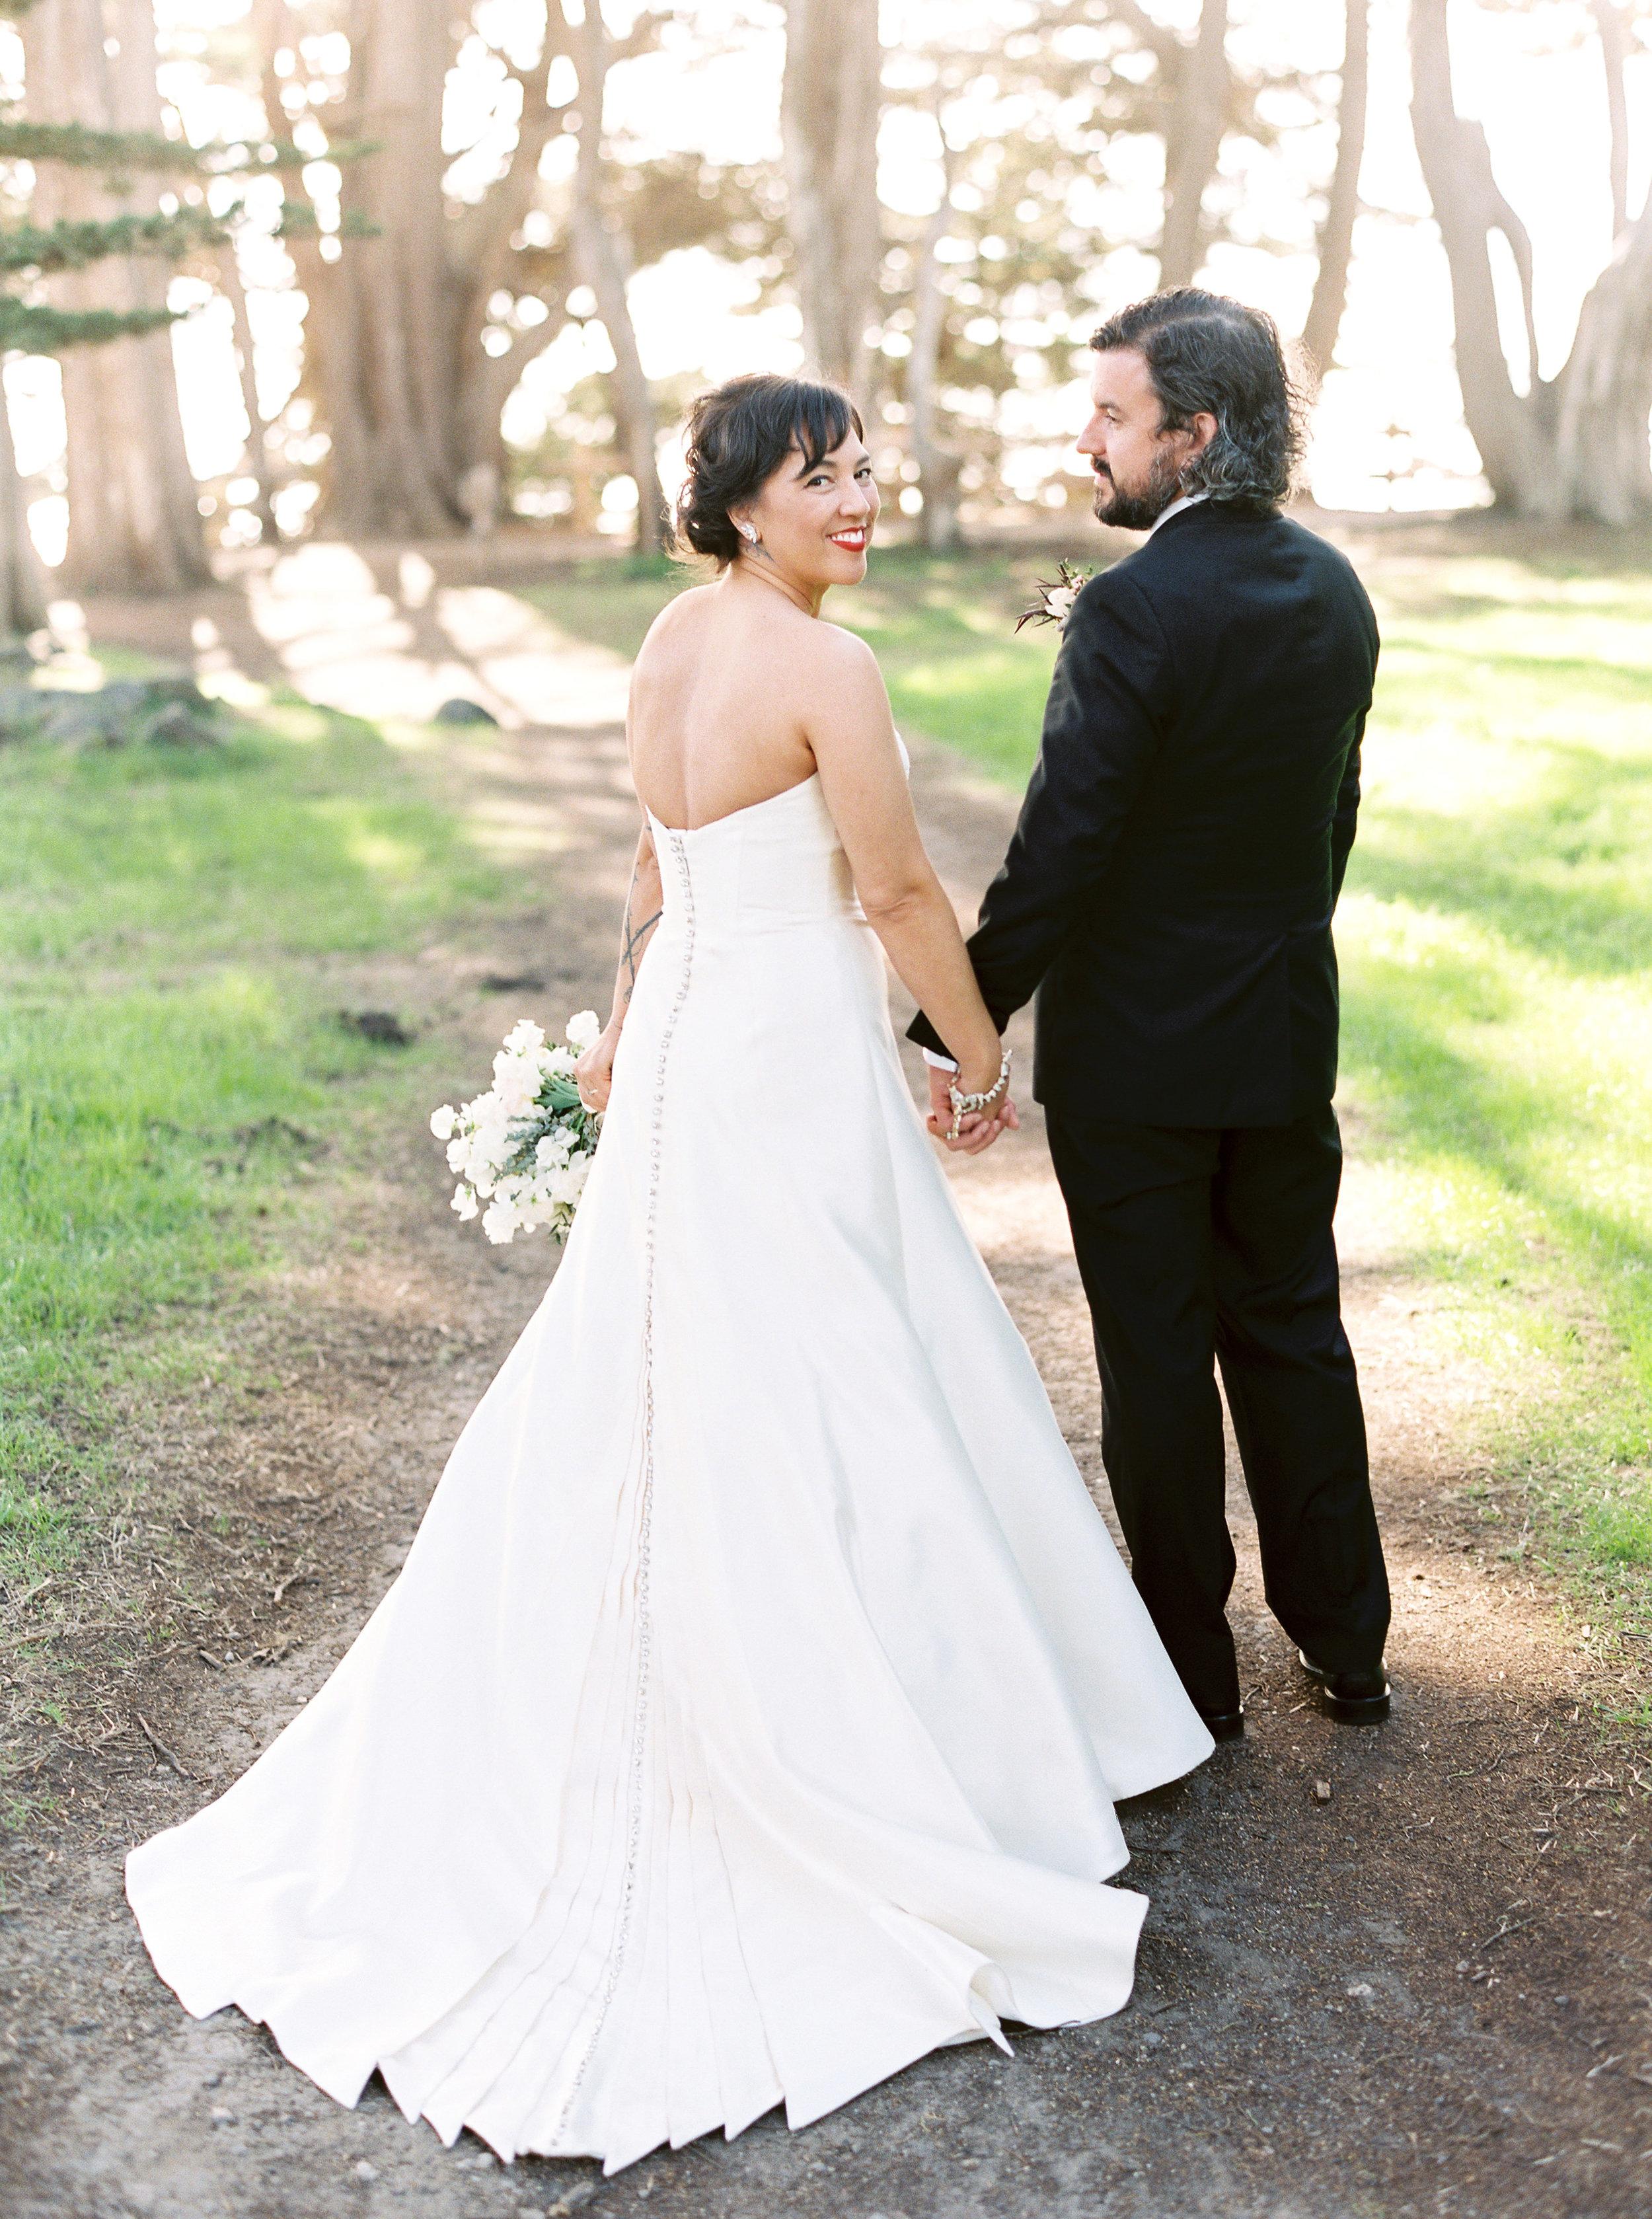 Mavericks-event-center-wedding-in-half-moon-bay-california564.jpg